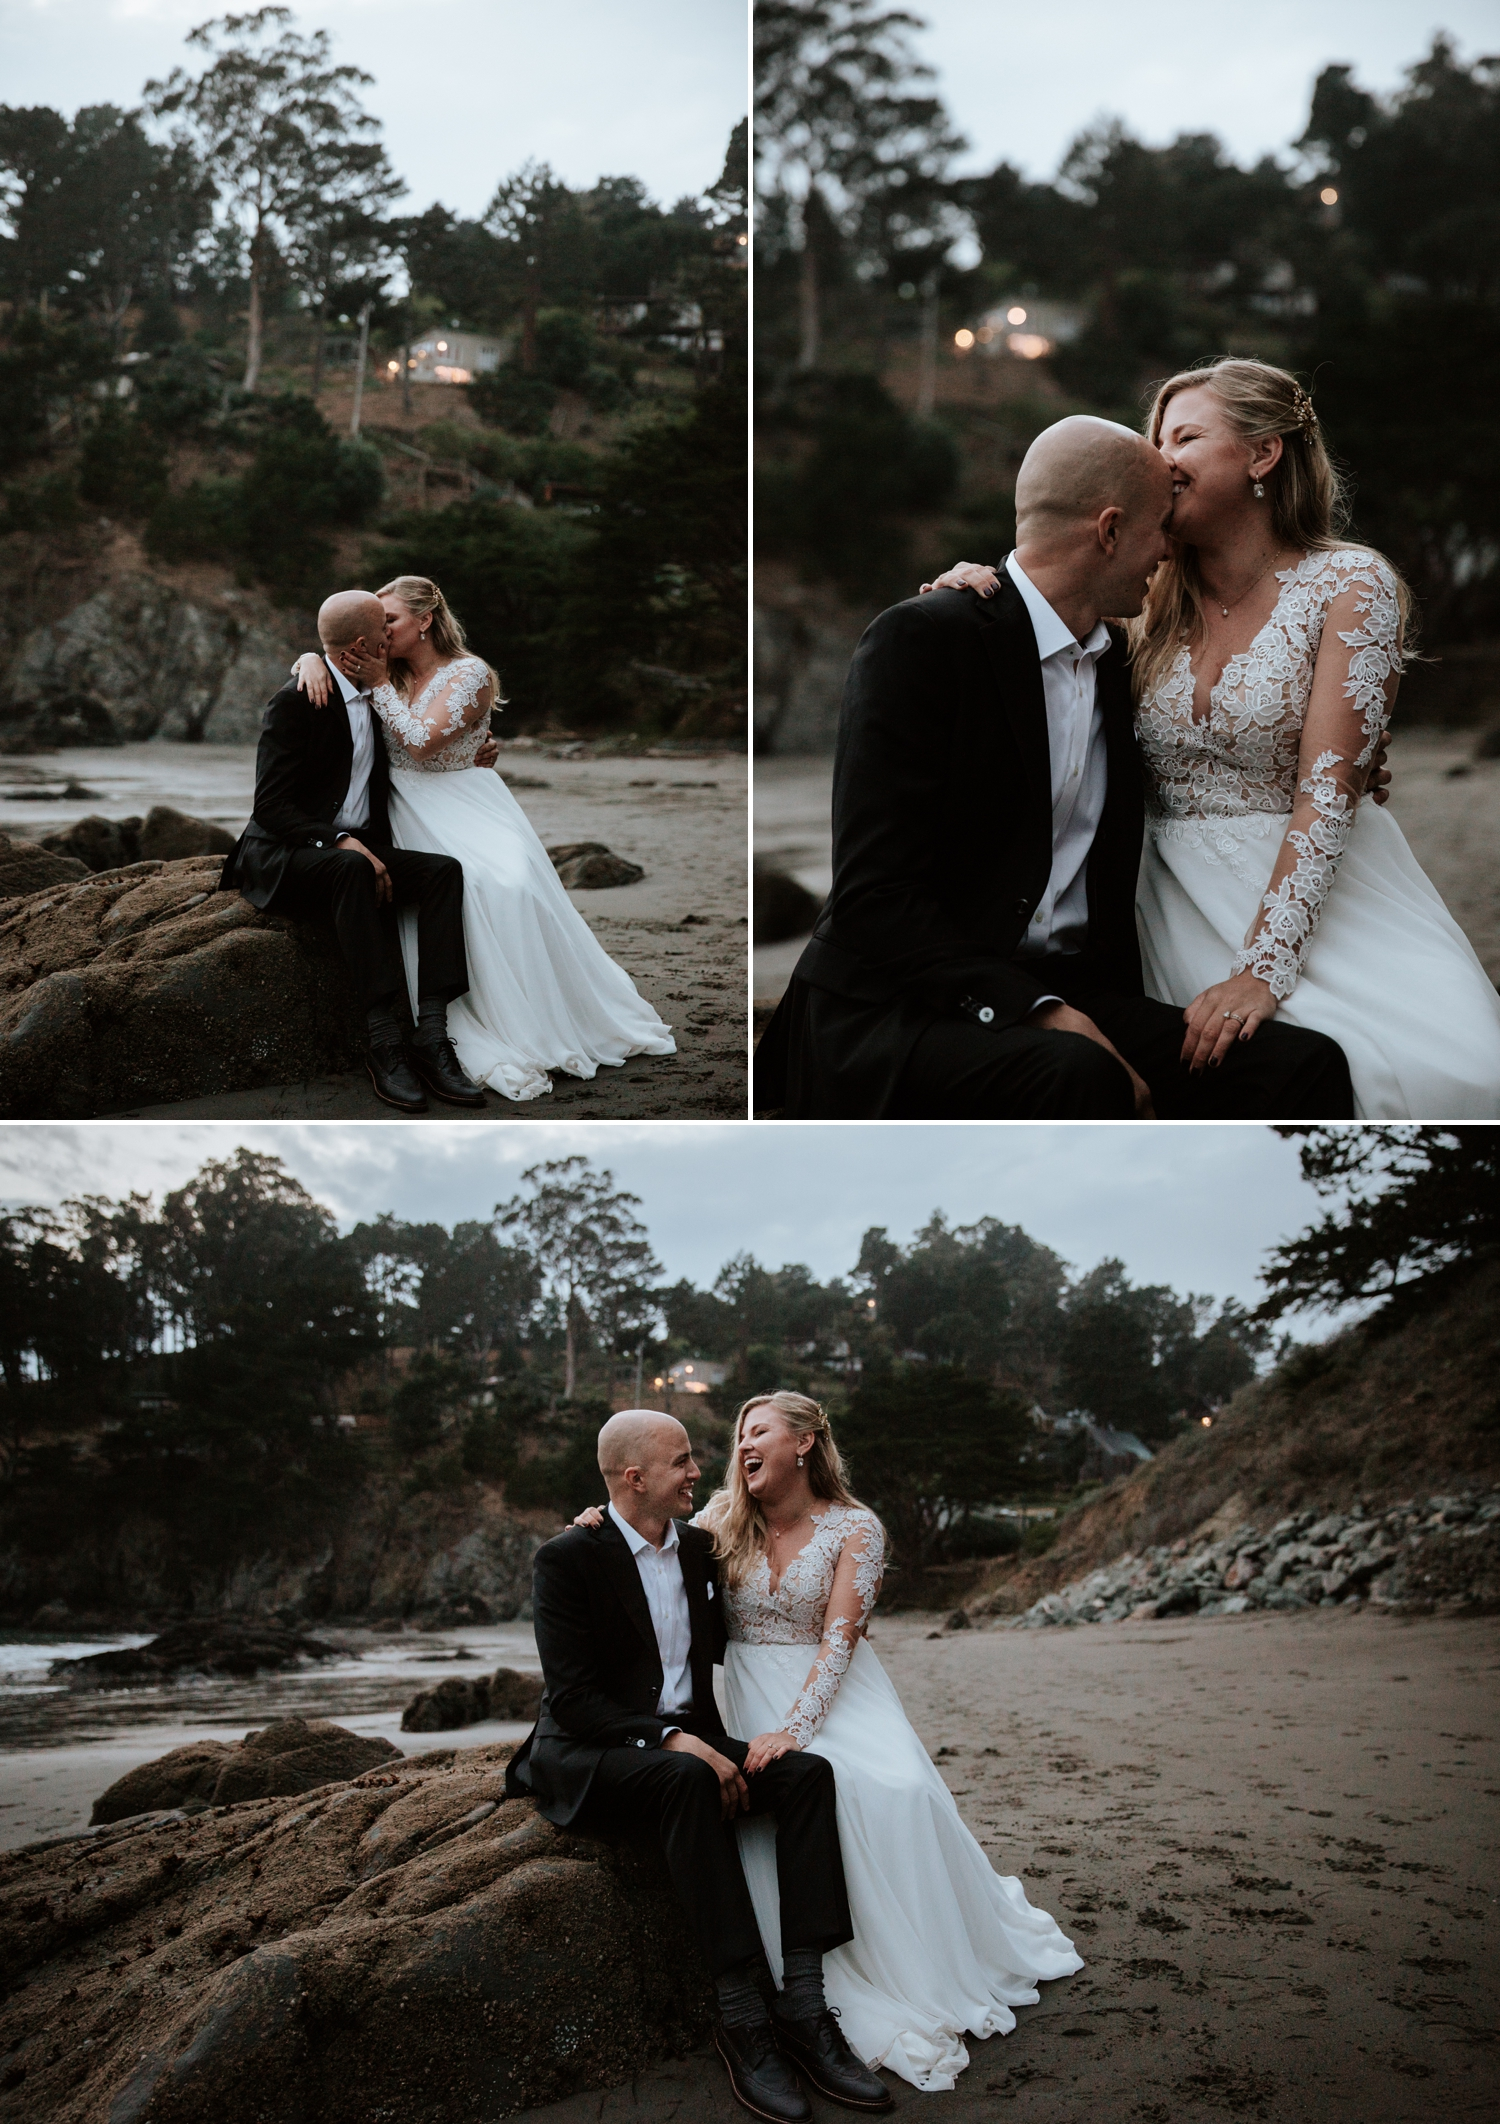 hannah-nick-intimate-muir-woods-wedding-41.jpg